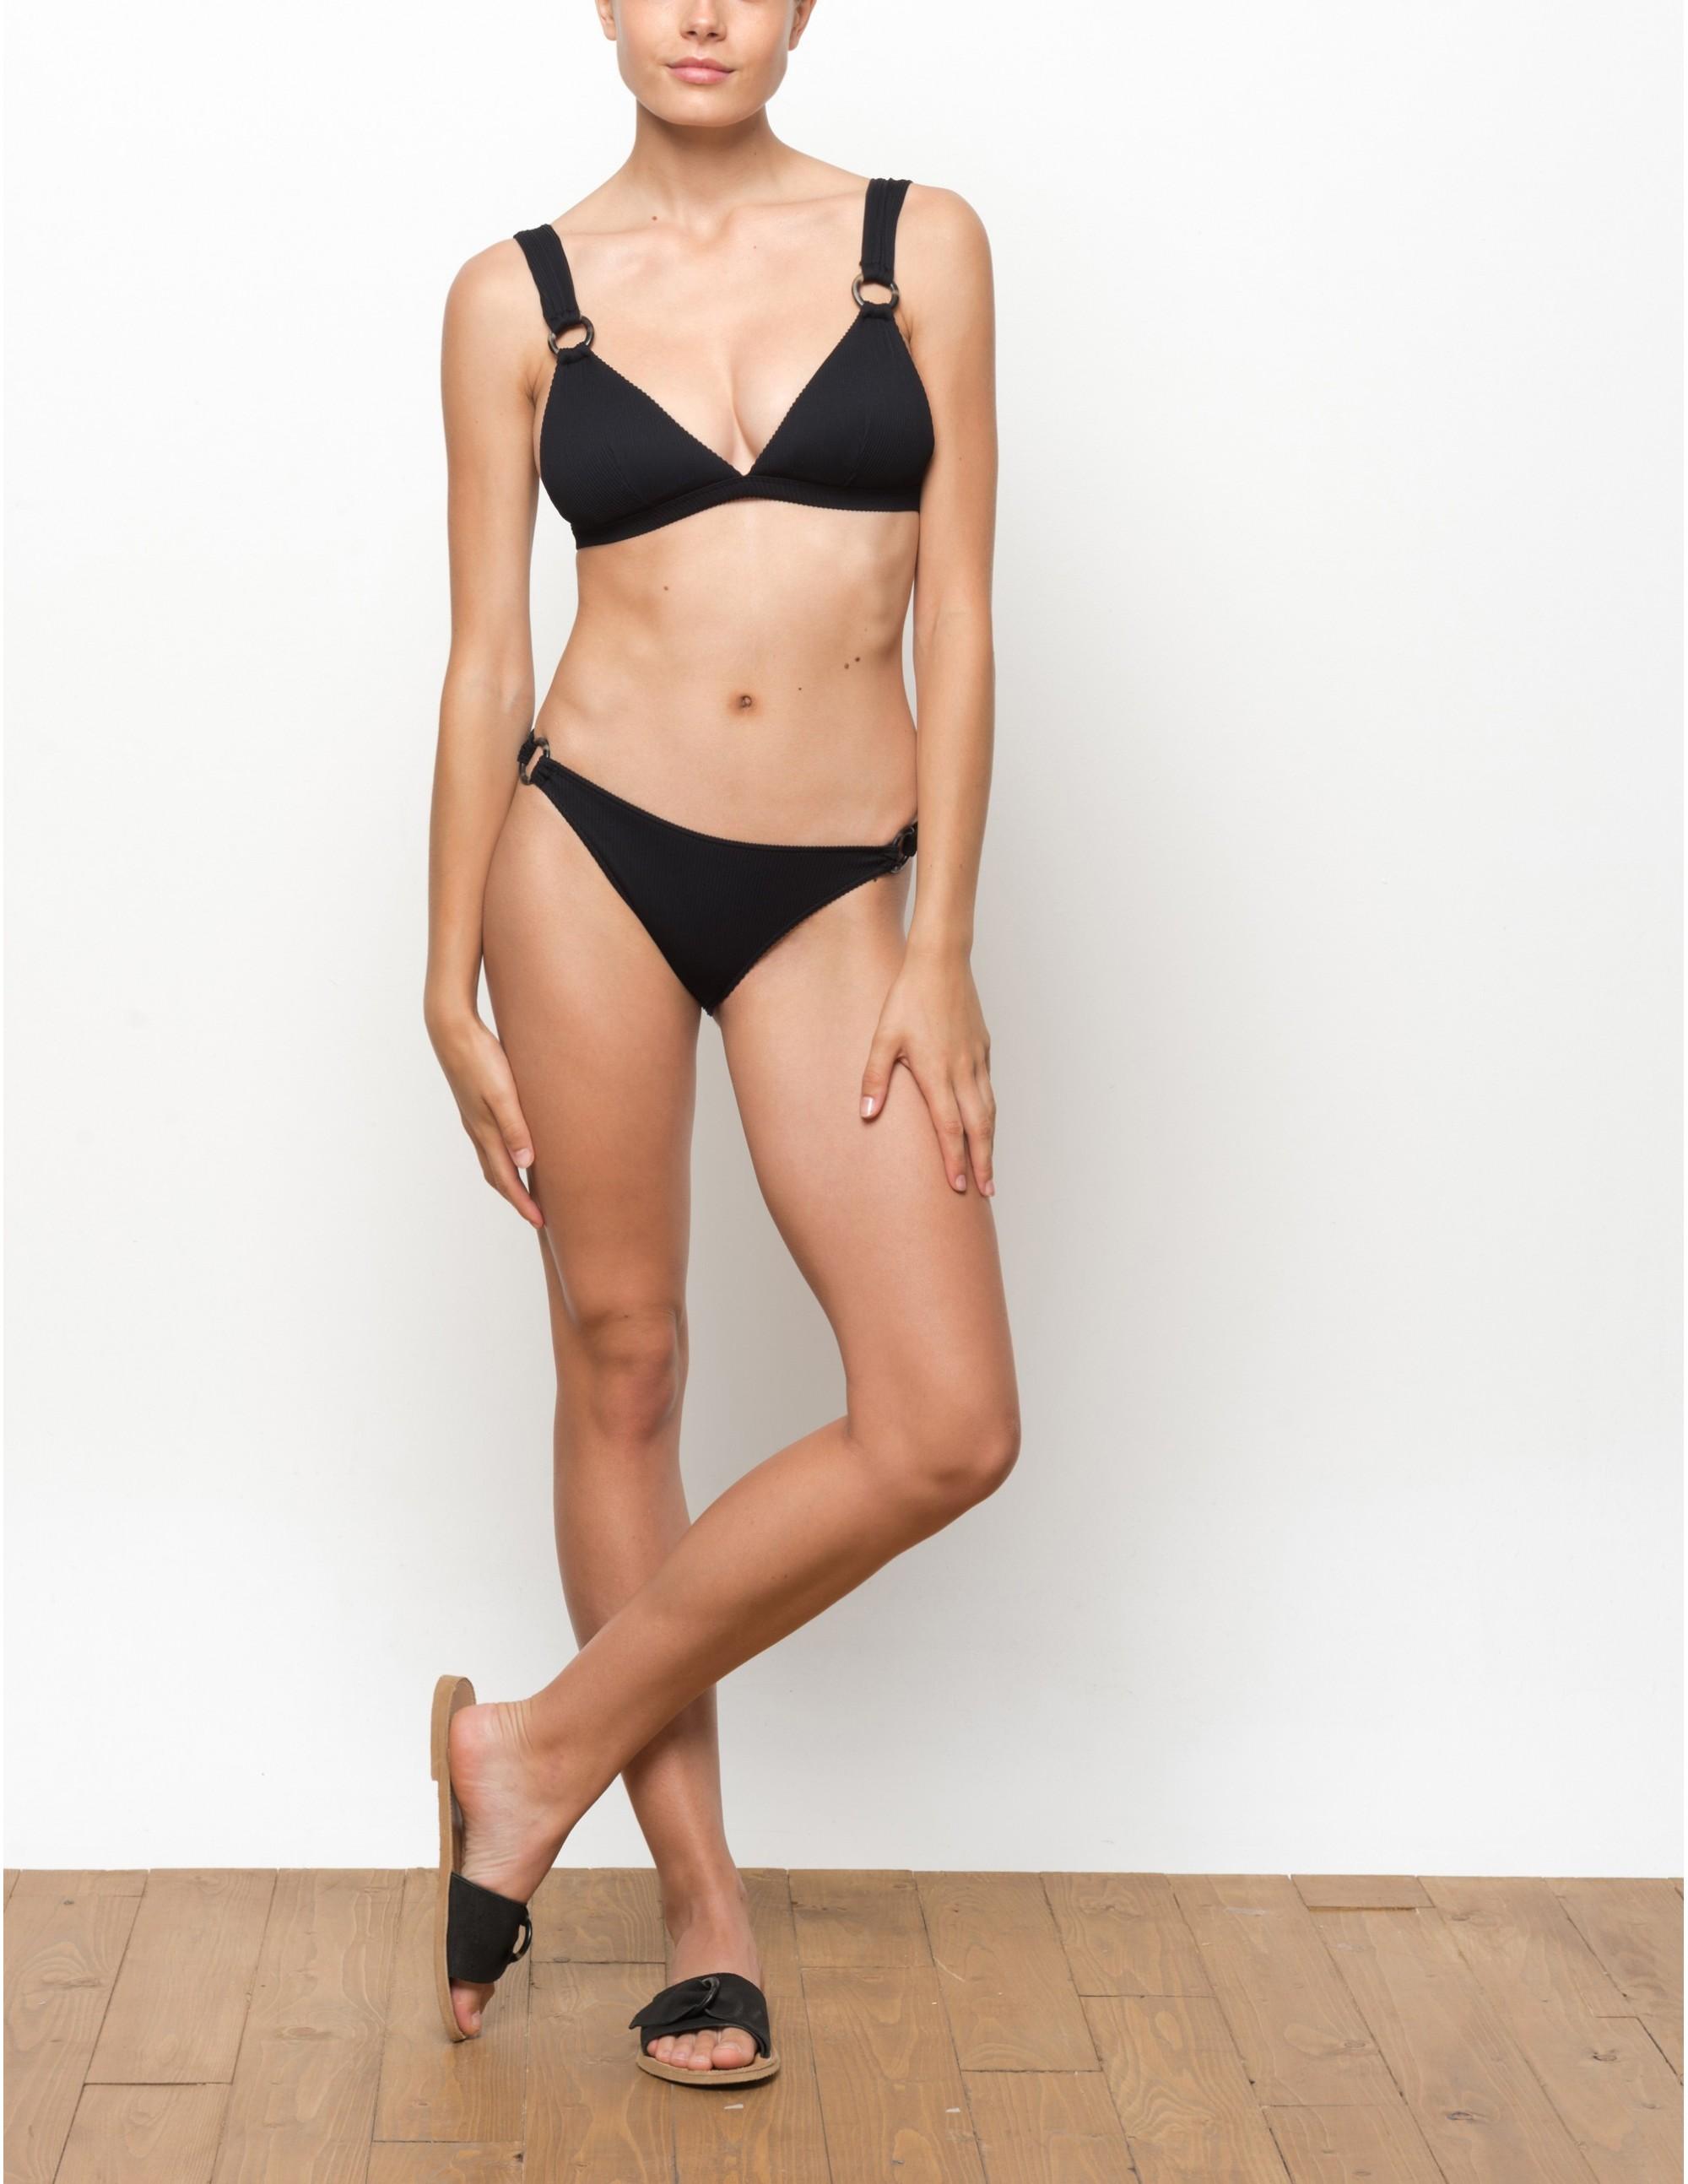 BAWE bikini top - PANTHER